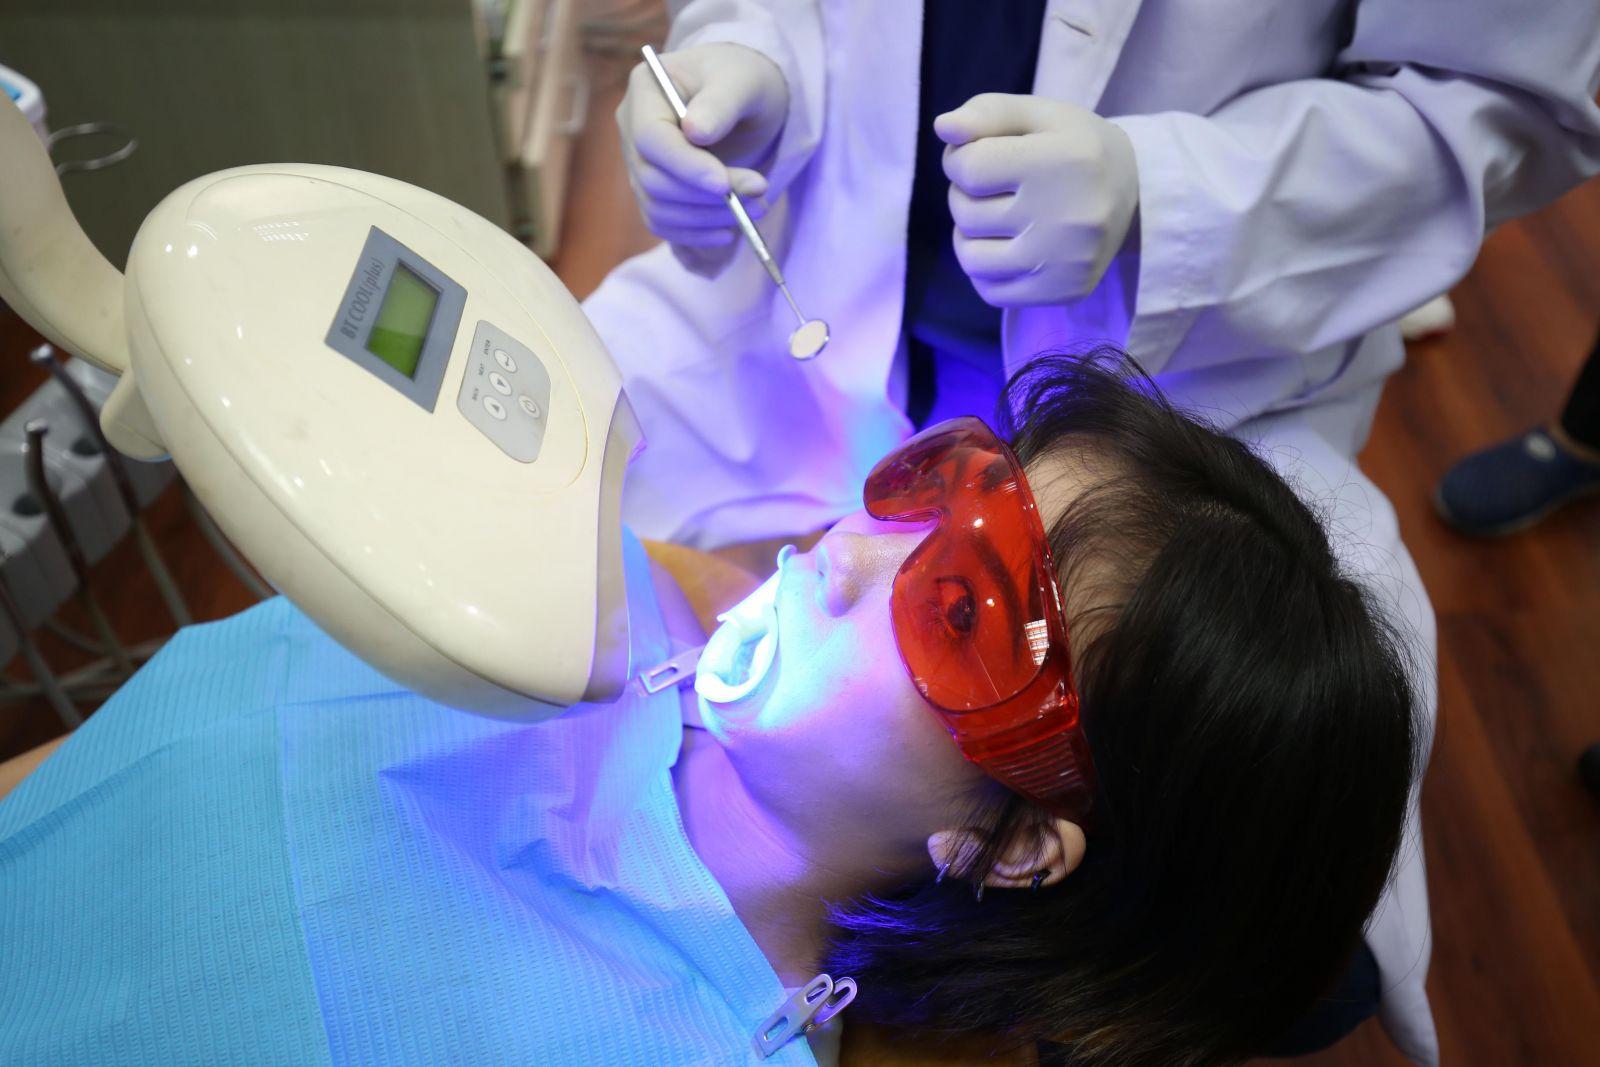 Trắng Sáng Tự Nhiên, An Toàn, Hiệu Quả Dài Lâu Với Công Nghệ Tẩy Trắng Răng Laser